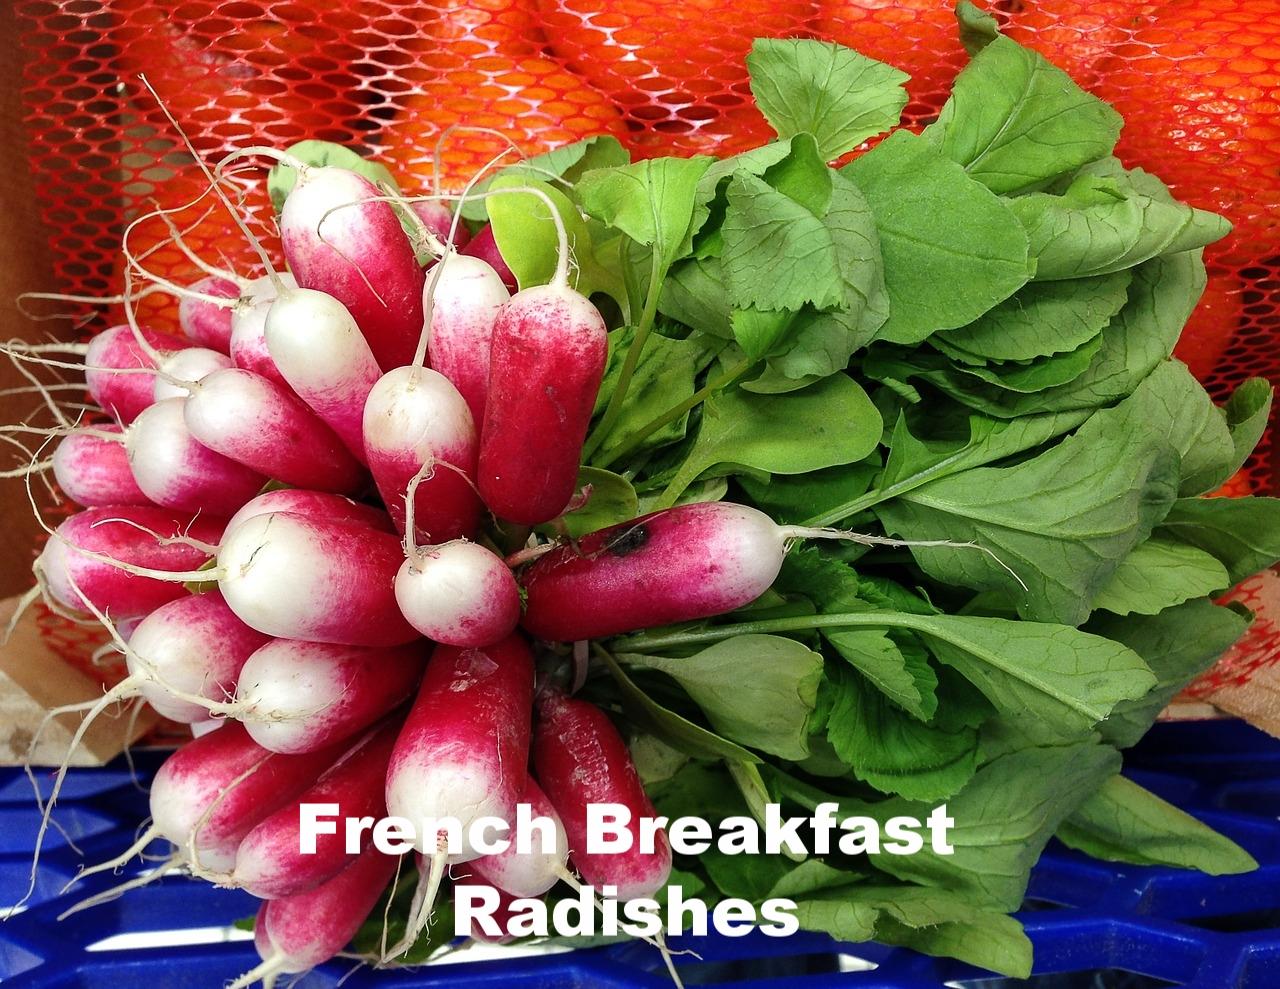 french breakfast radishes.jpg